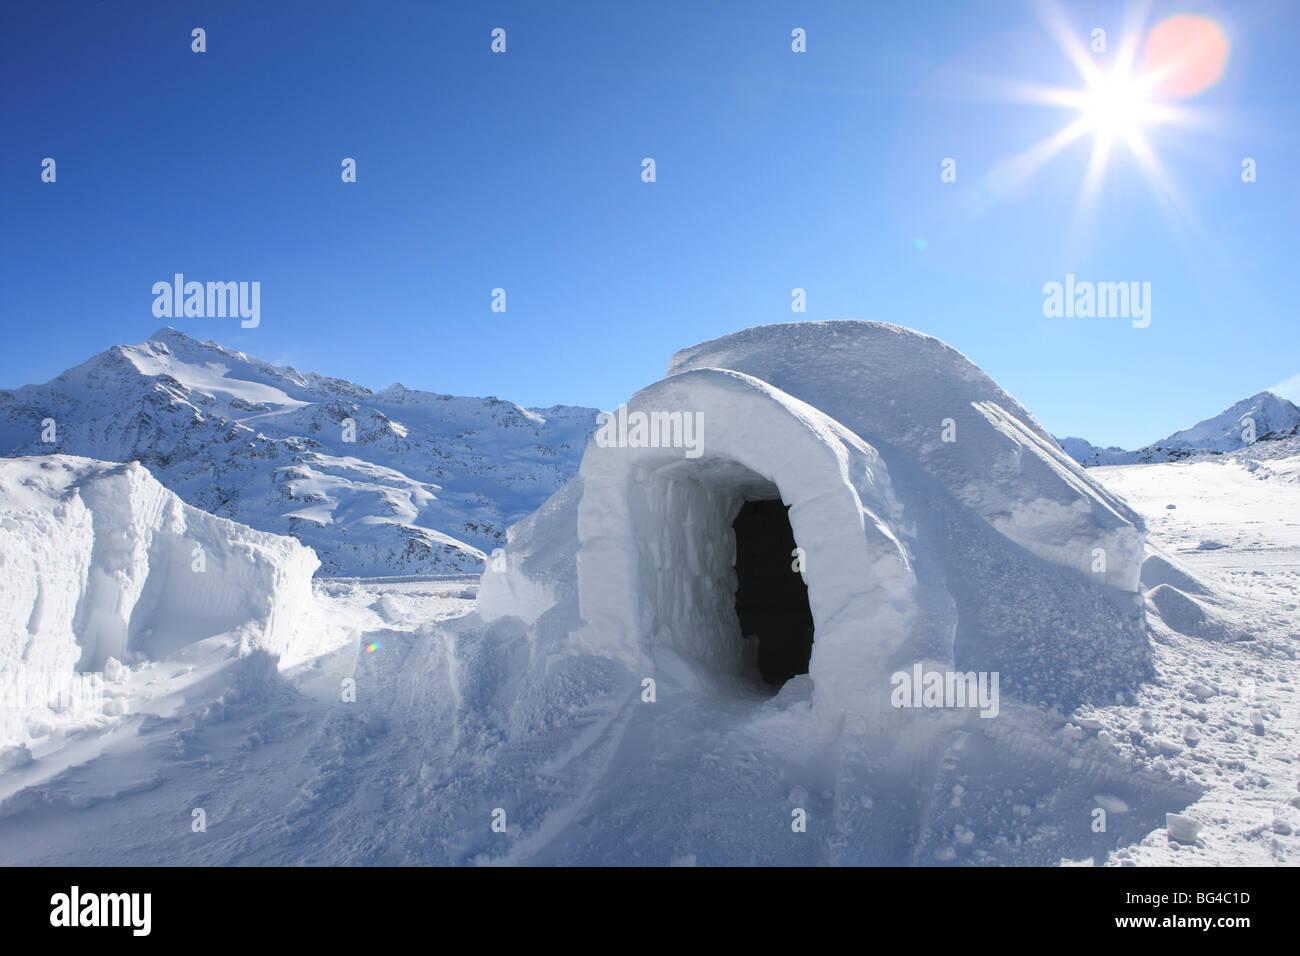 Igloo, Alpi Italia, Europa Immagini Stock